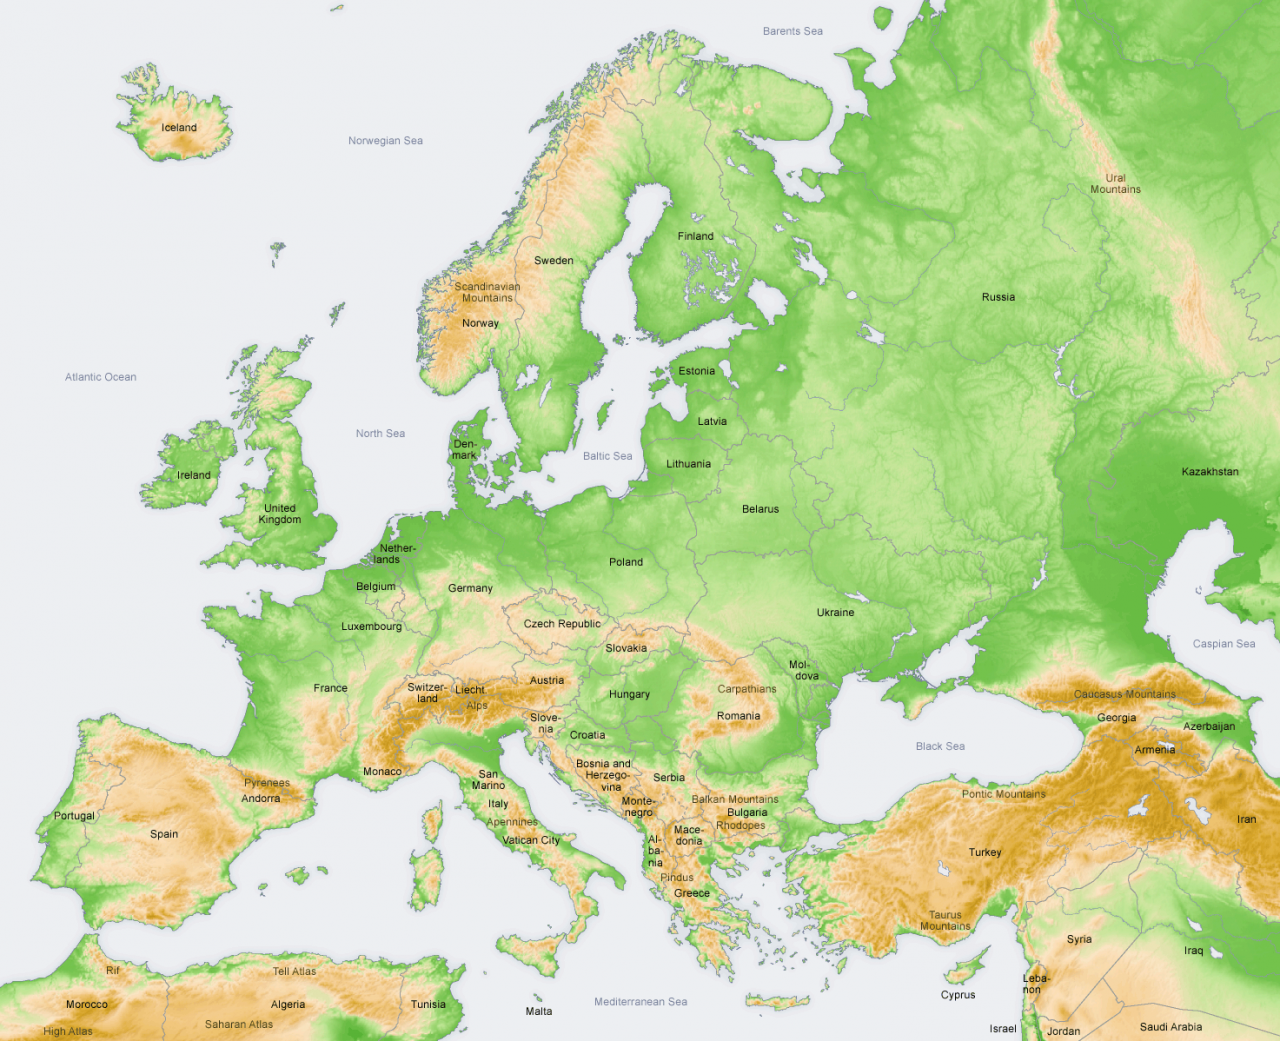 صورة خريطة اوروبا بالعربية , تعرف على خريطة اوروبا